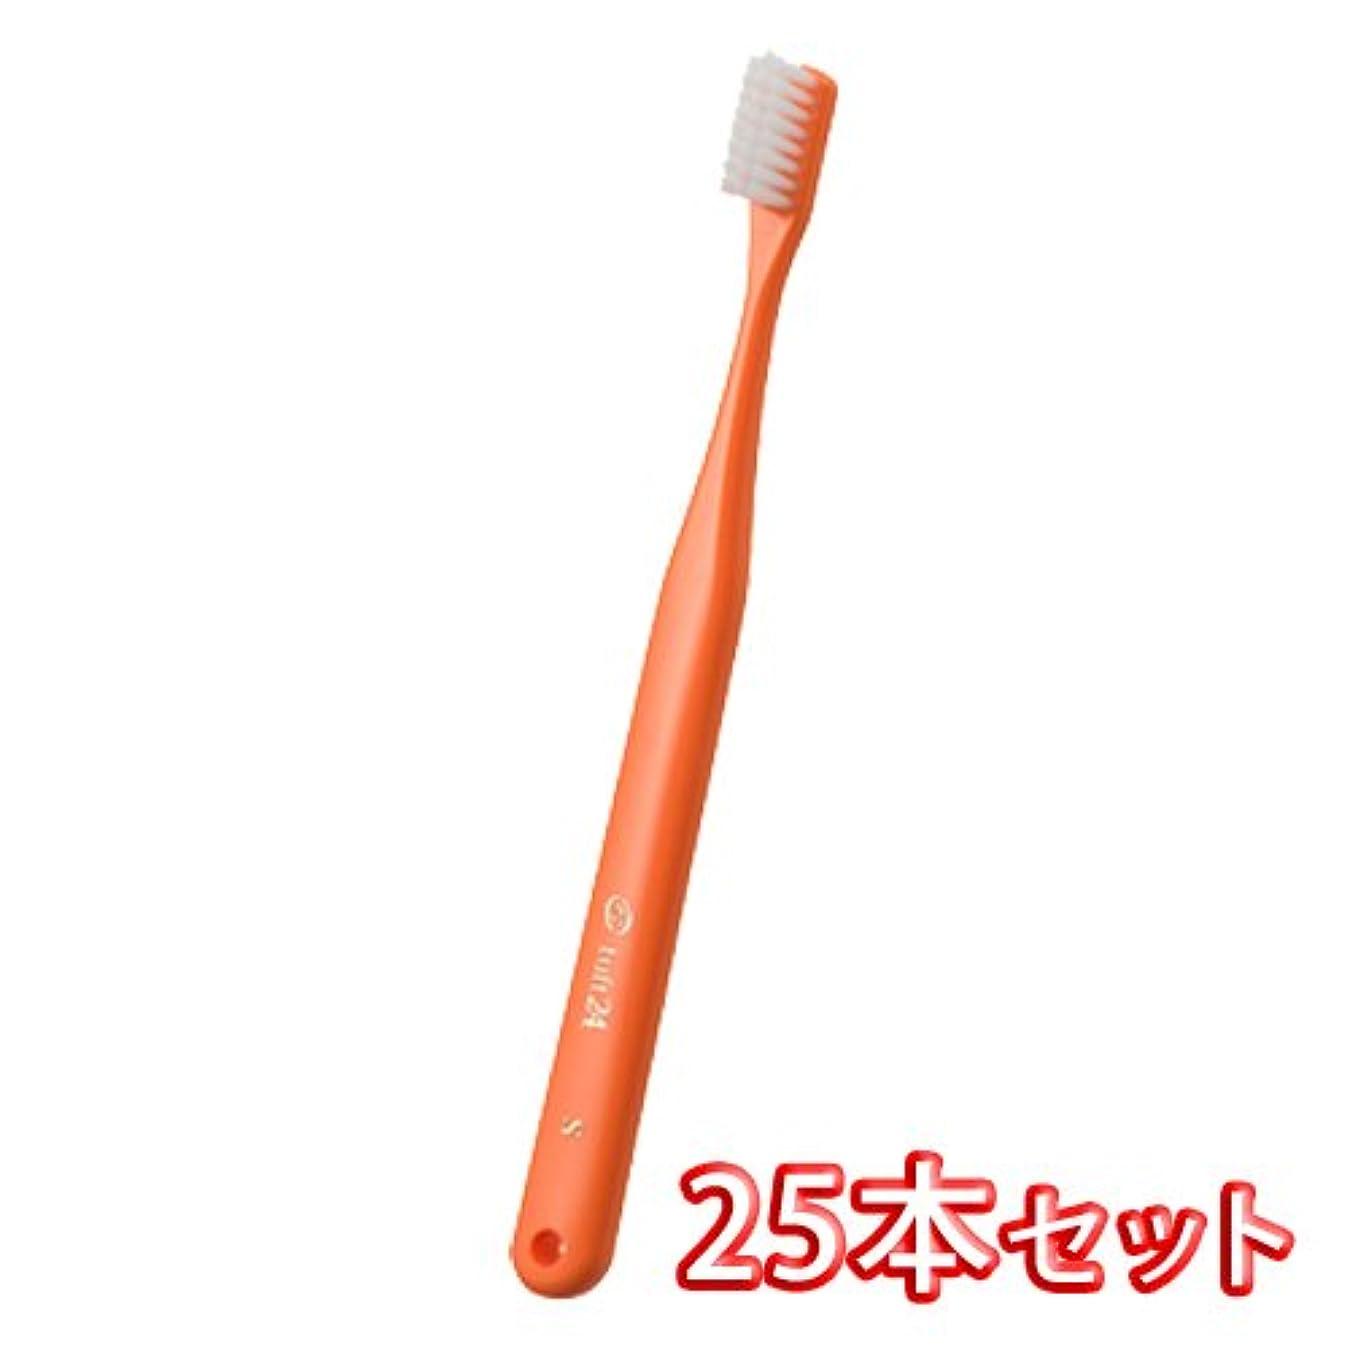 蒸落胆させる臨検オーラルケア キャップ付き タフト 24歯ブラシ 25本入 ミディアム M (オレンジ)